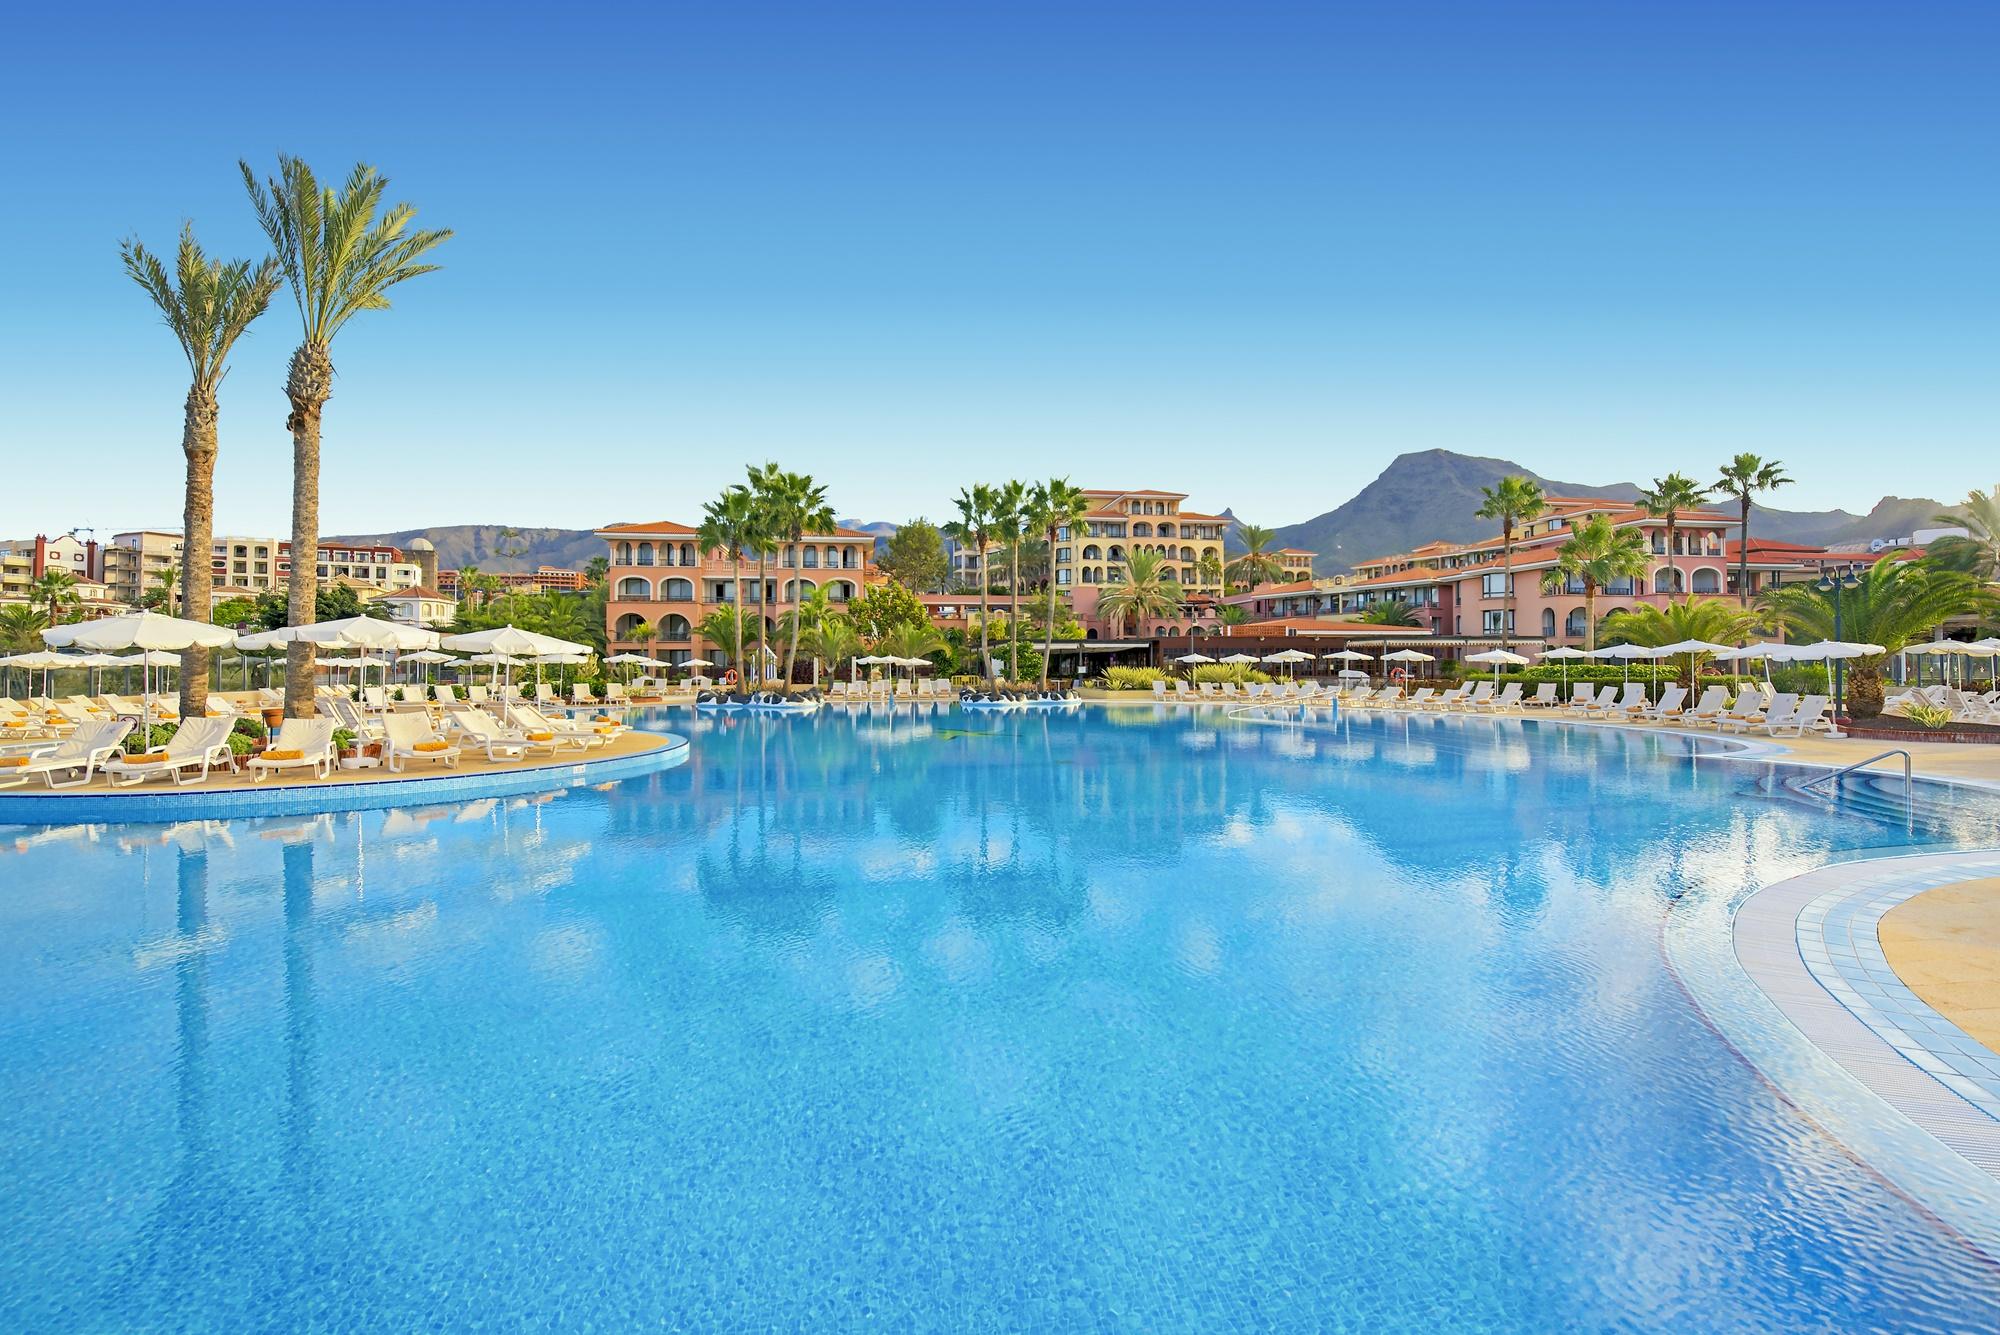 Hotel Riviera Resort Malta